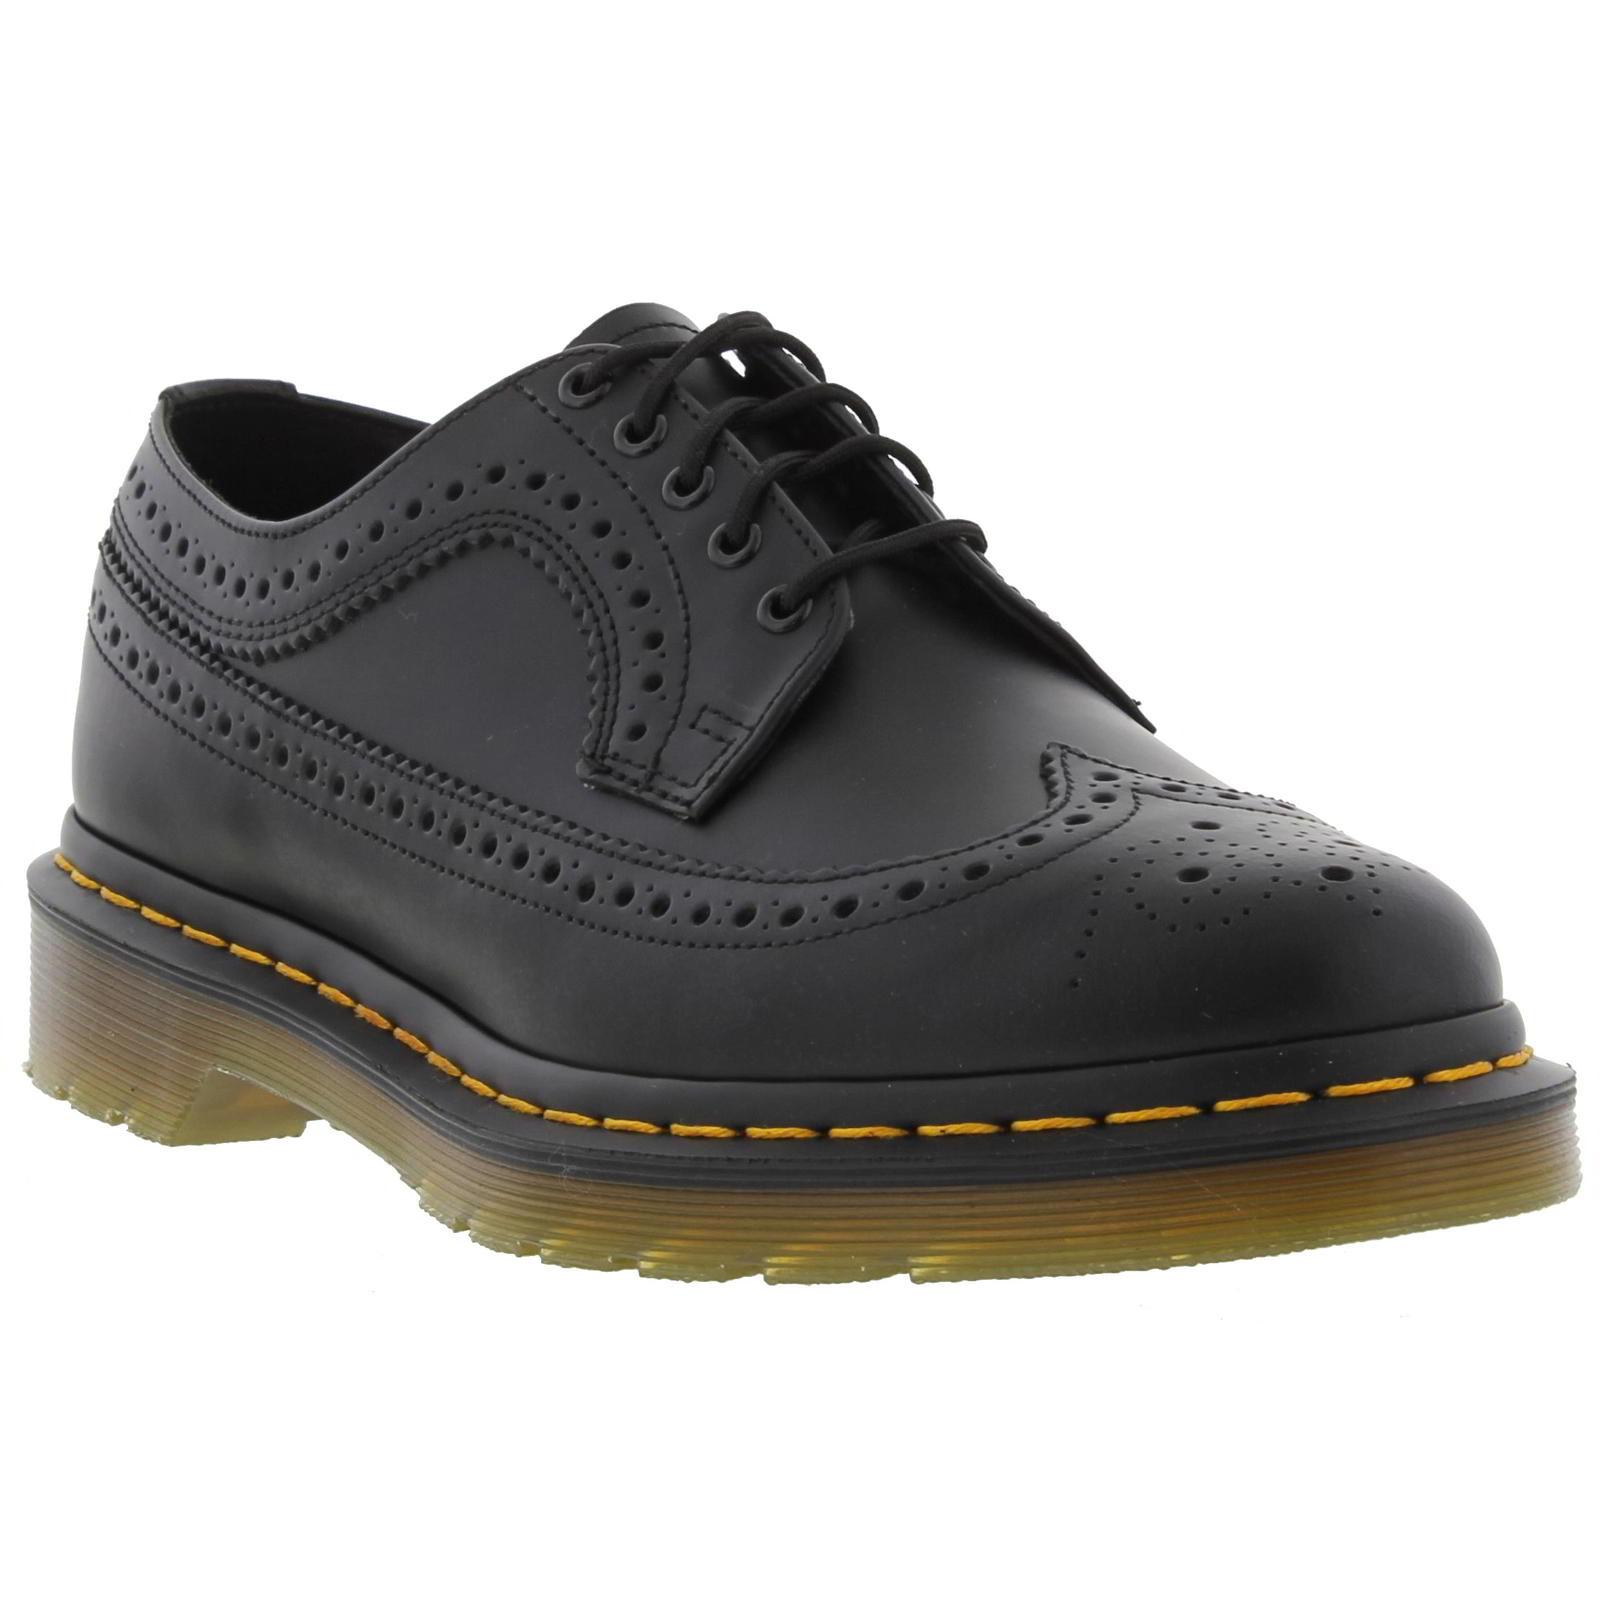 dr martens 3989 wingtip brogue mens black leather shoes. Black Bedroom Furniture Sets. Home Design Ideas